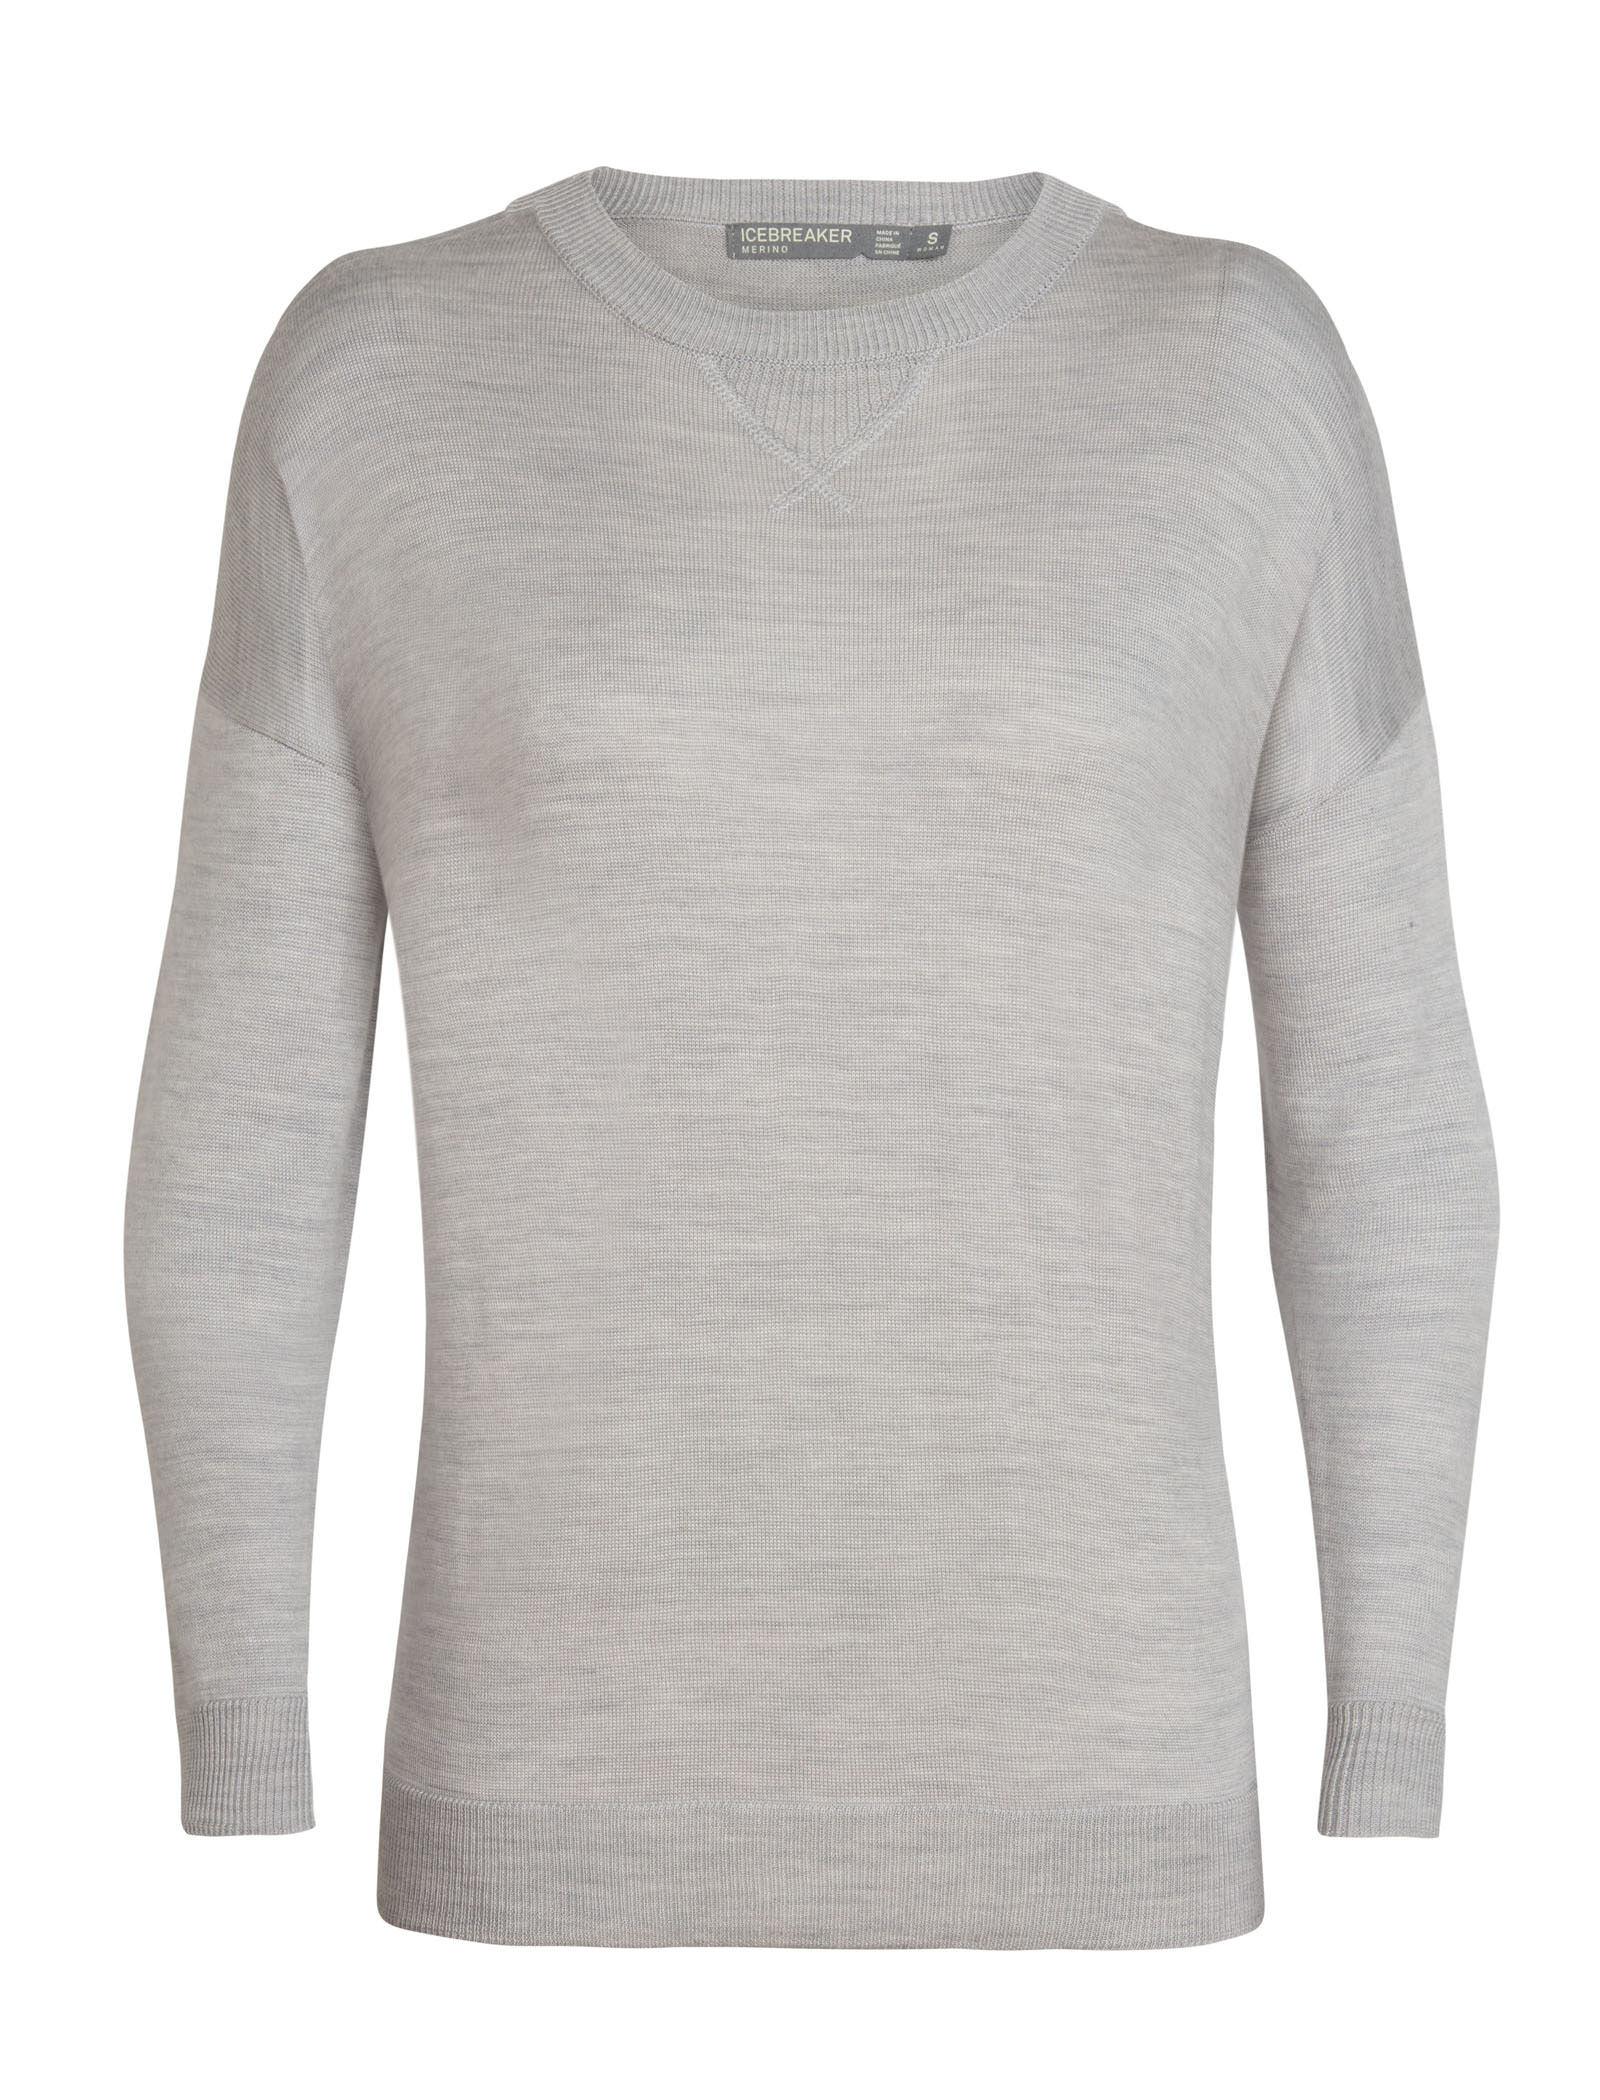 Damenbekleidung : EY 25559 Damen Bereit Print Shirt